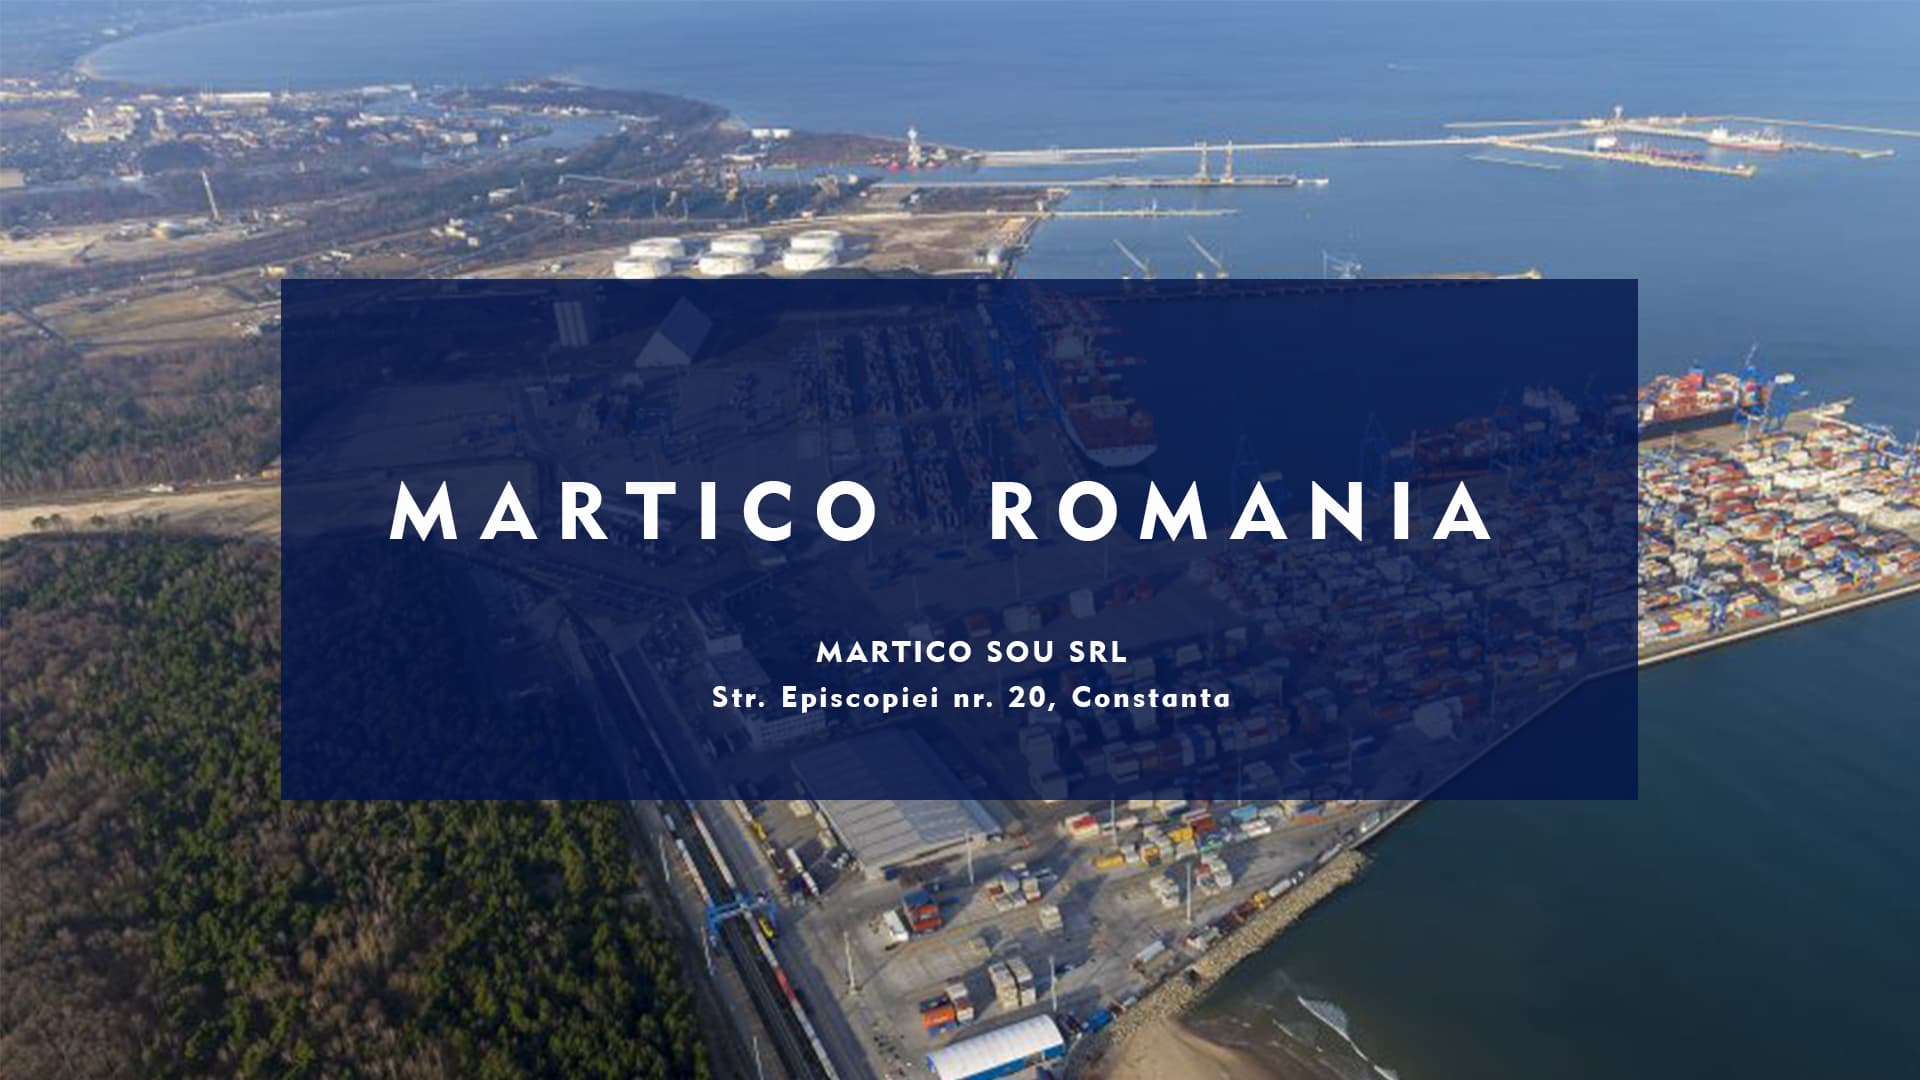 martico romania